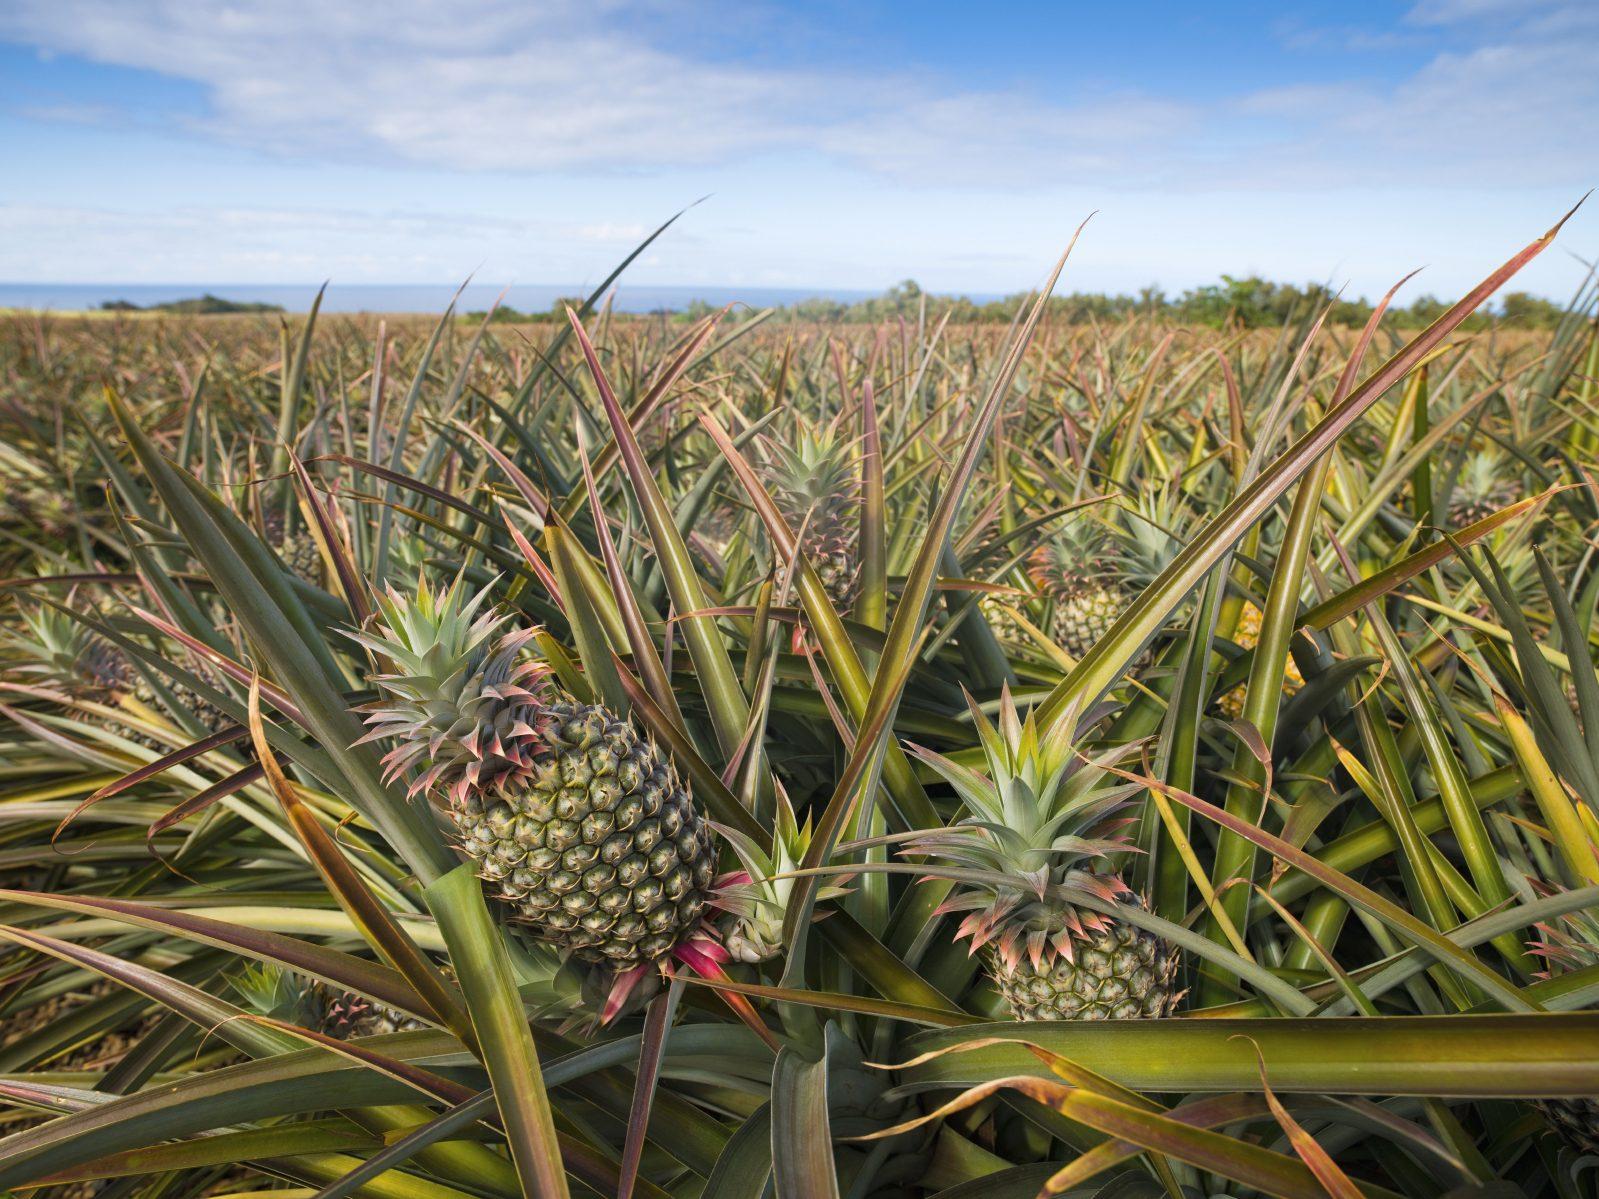 9. Les ananas les plus frais du monde